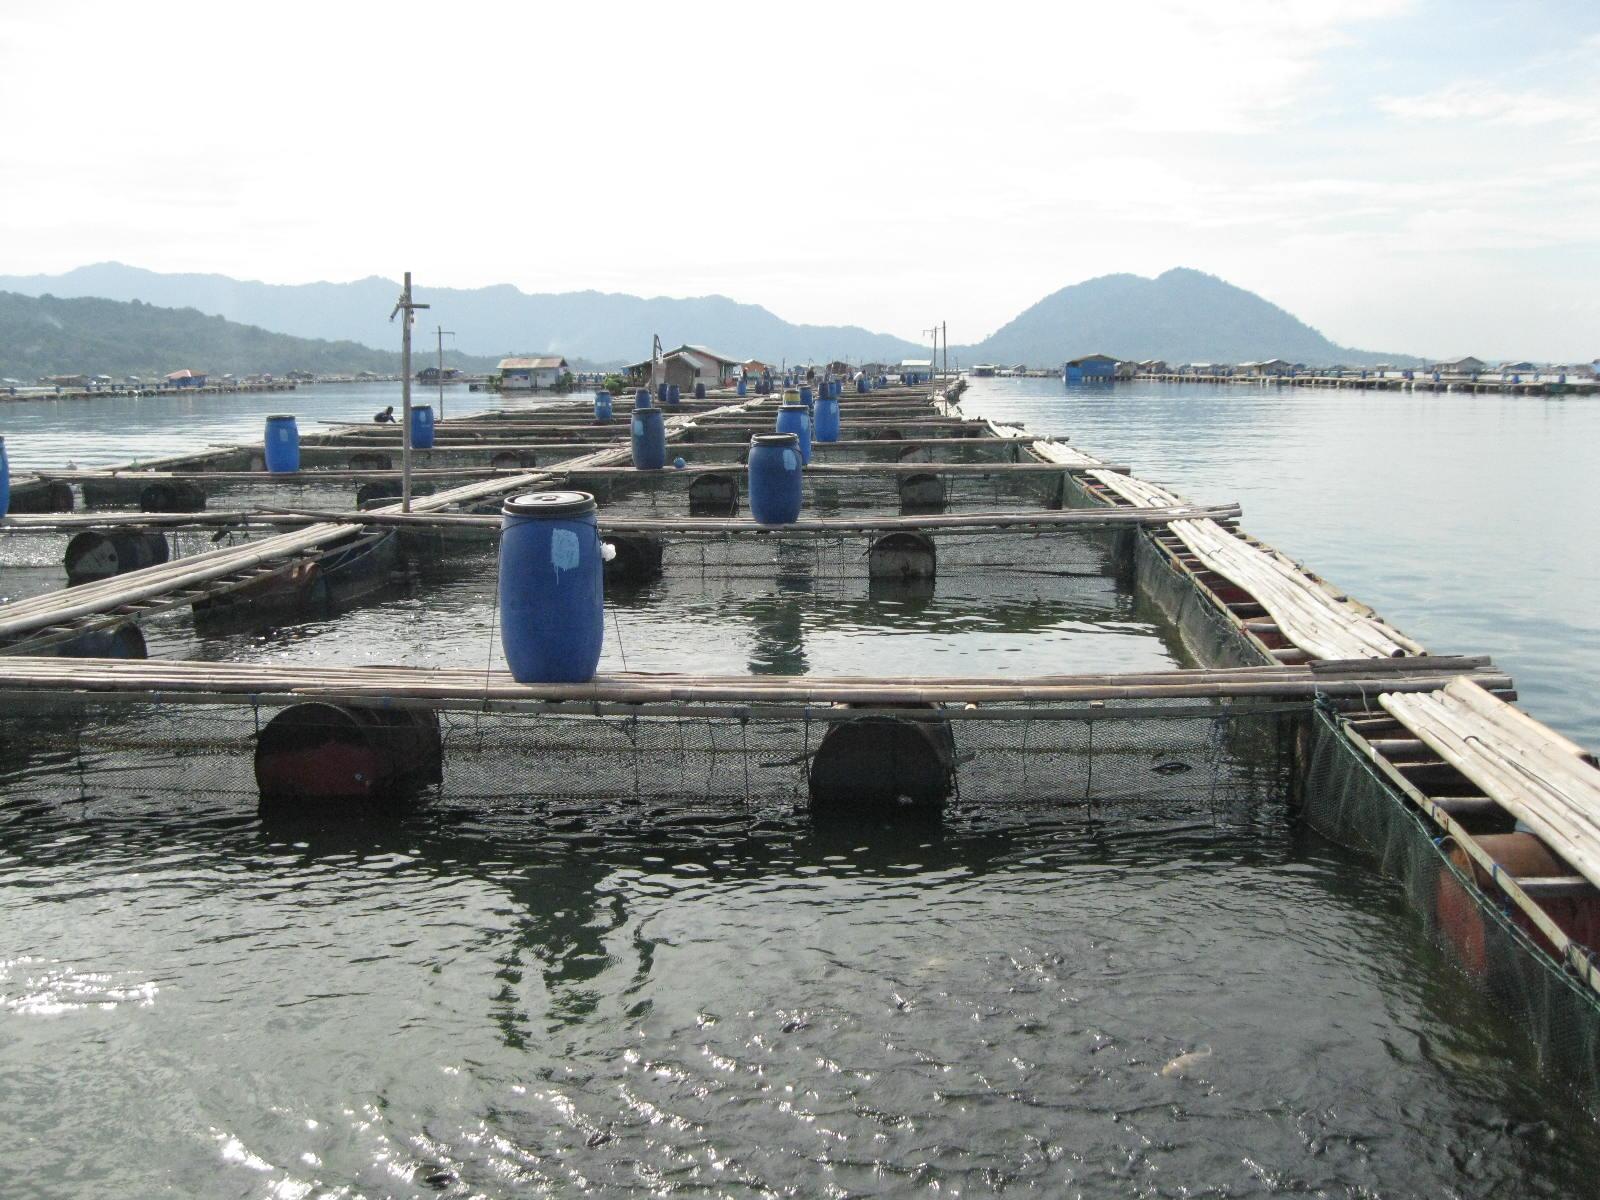 No Hp 0852 3311 1221 Distributor Keramba Jaring Apung Di Jawa Barat No Hp 0852 3311 1221 Distributor Keramba Jaring Apung Di Jawa Barat Tips Budidaya Ikan Nila di Jaring Apung yang Berhasil Umunya pembesaran ikan nila atau ikan lain di aliran sungai dan waduk menggunakan cara jarring terapung.